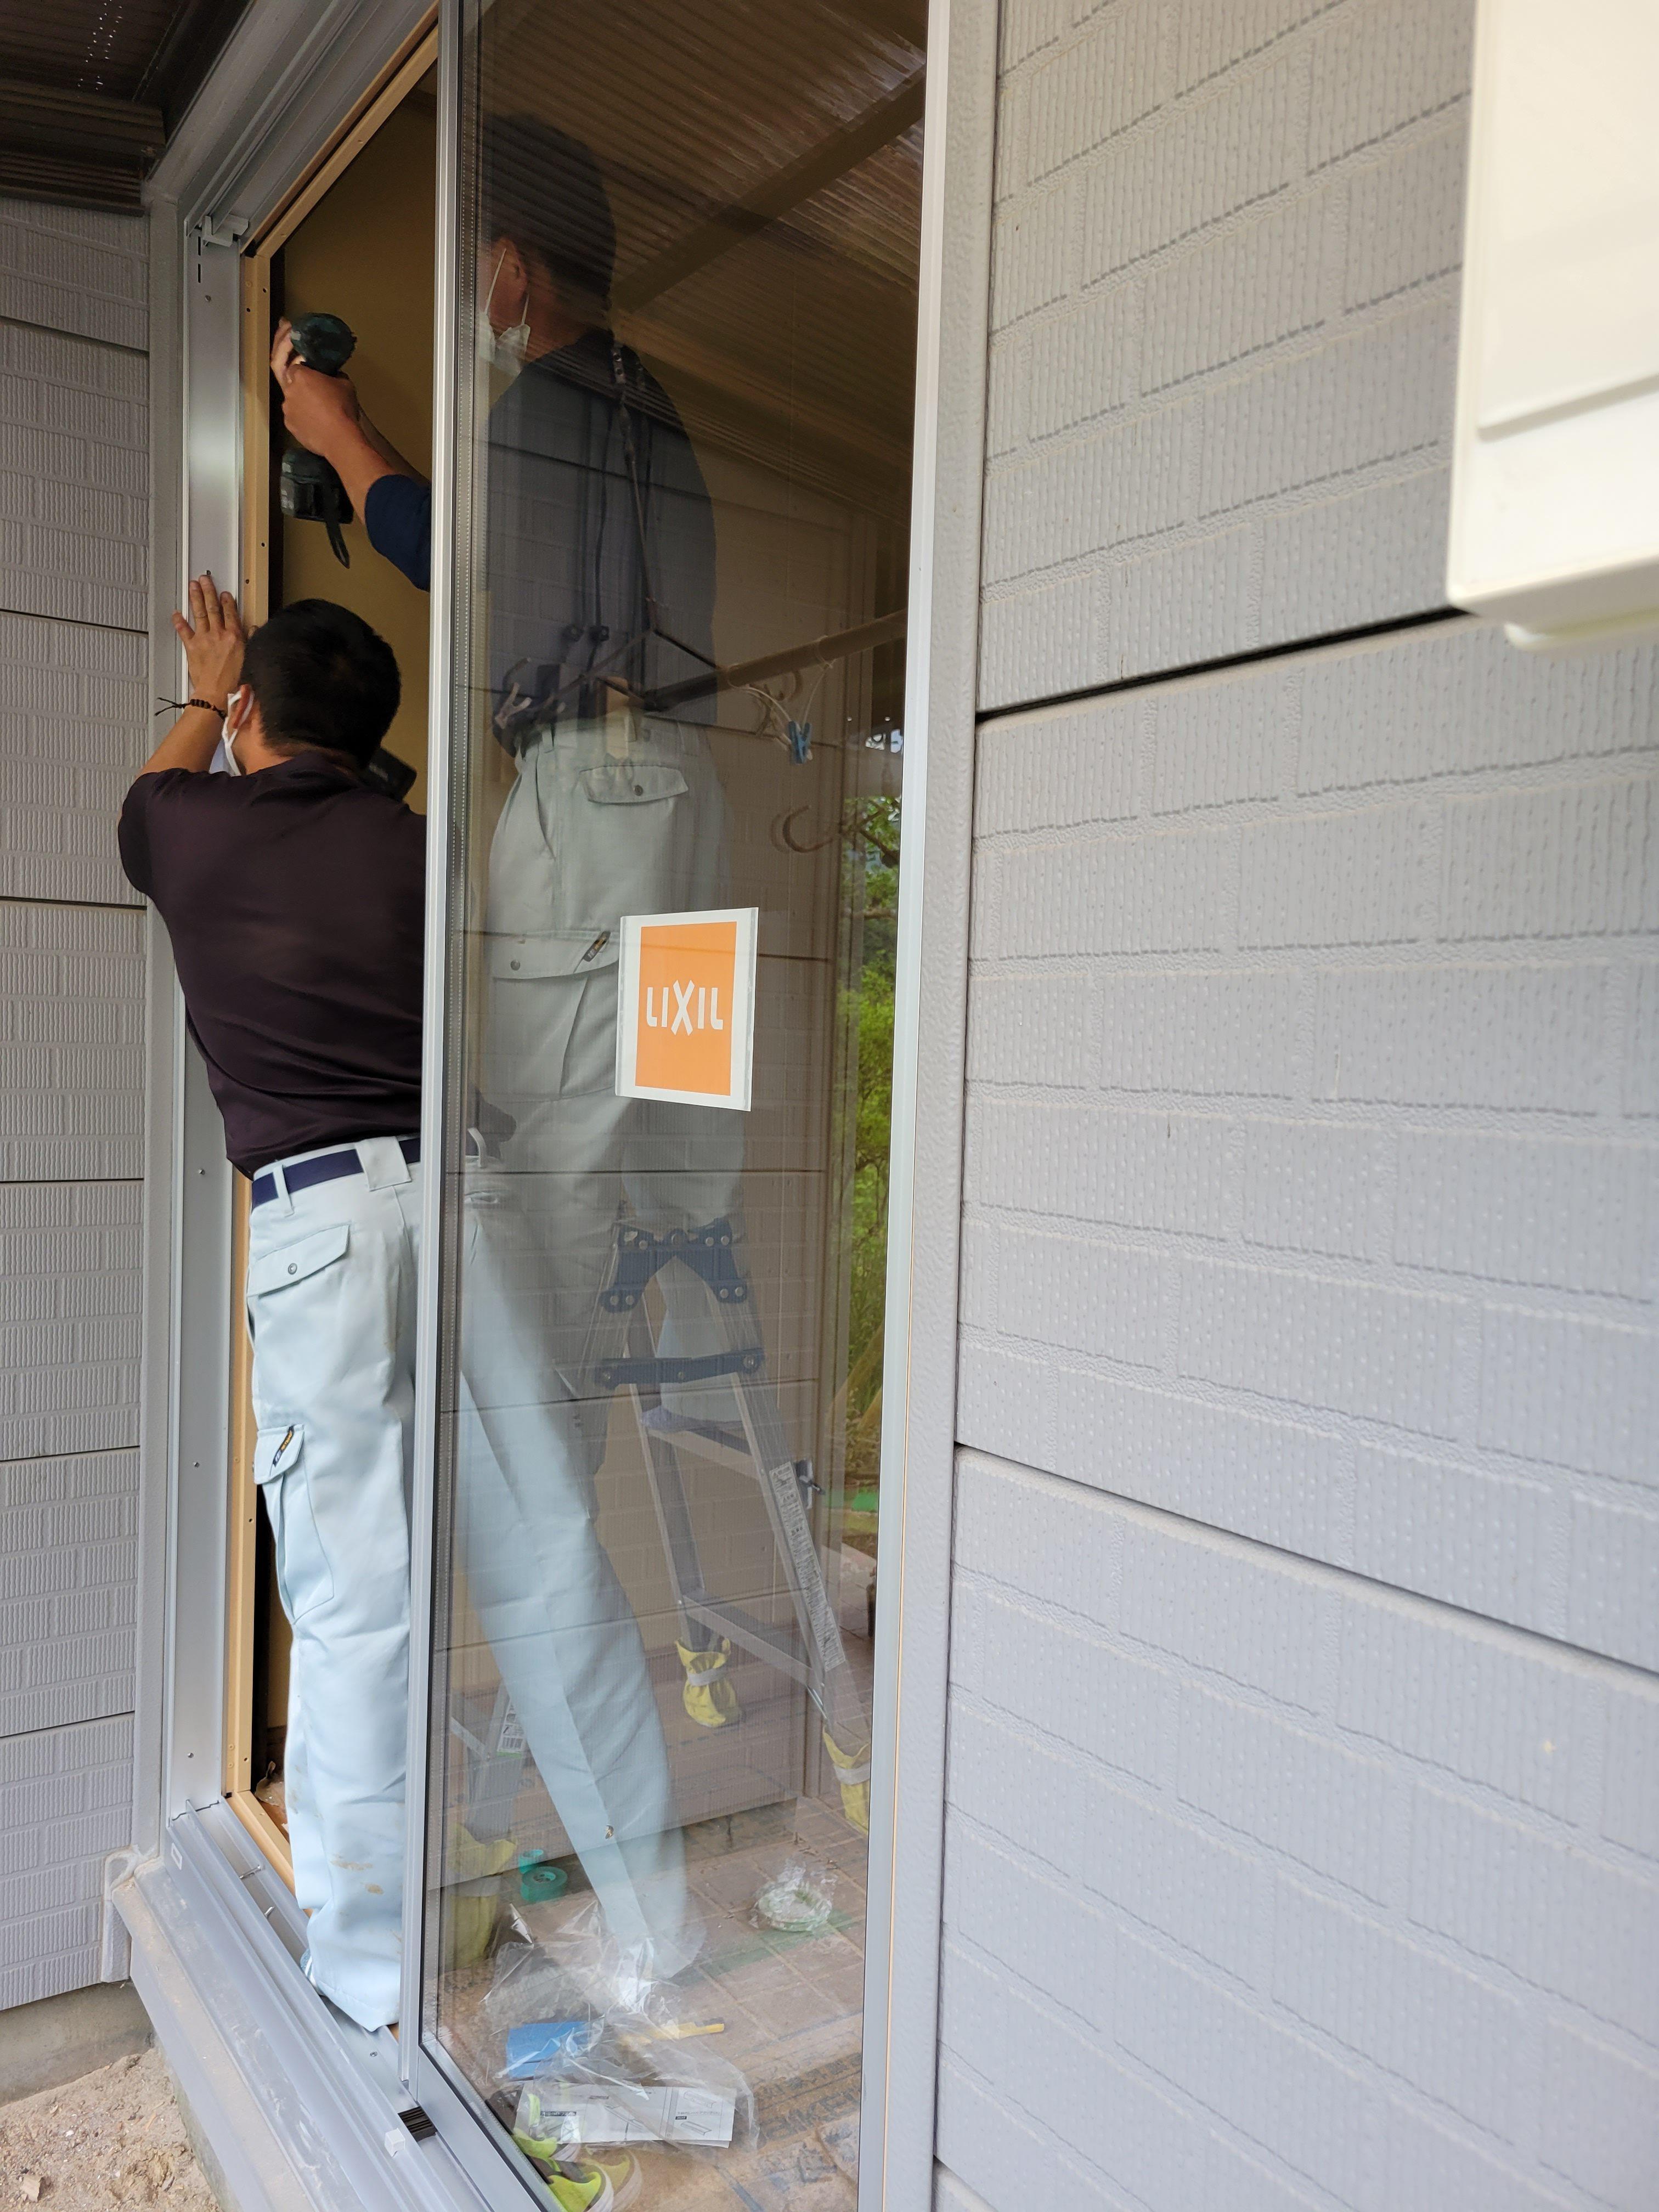 ギャラリーパティオの窓 交換 リプラスの施工後の写真3